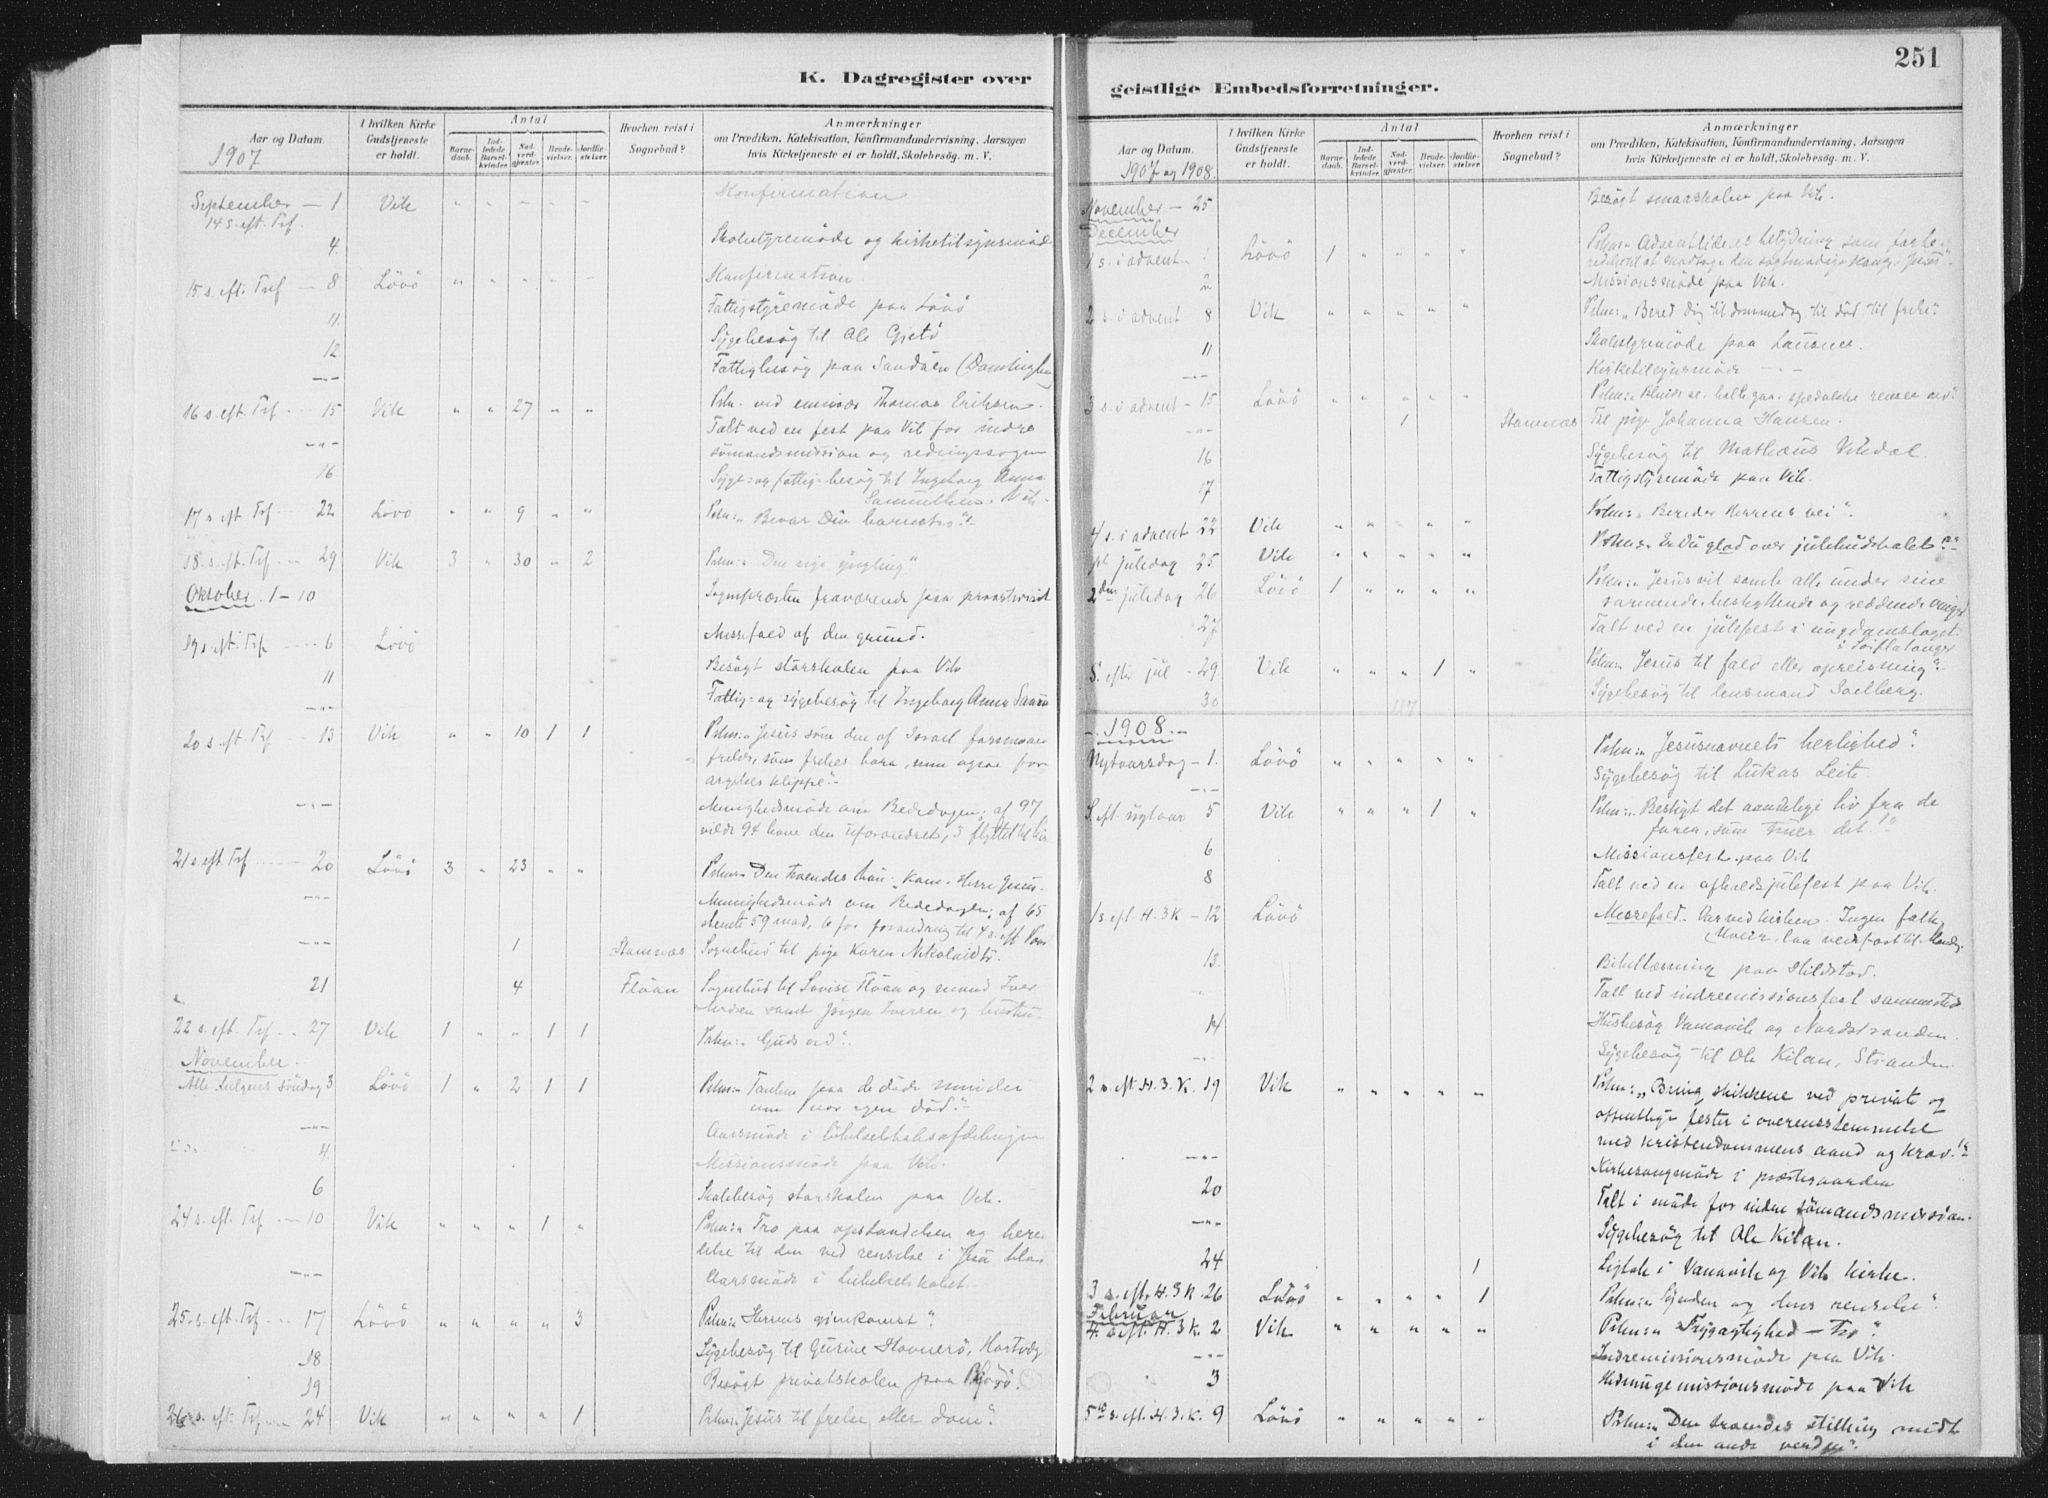 SAT, Ministerialprotokoller, klokkerbøker og fødselsregistre - Nord-Trøndelag, 771/L0597: Ministerialbok nr. 771A04, 1885-1910, s. 251